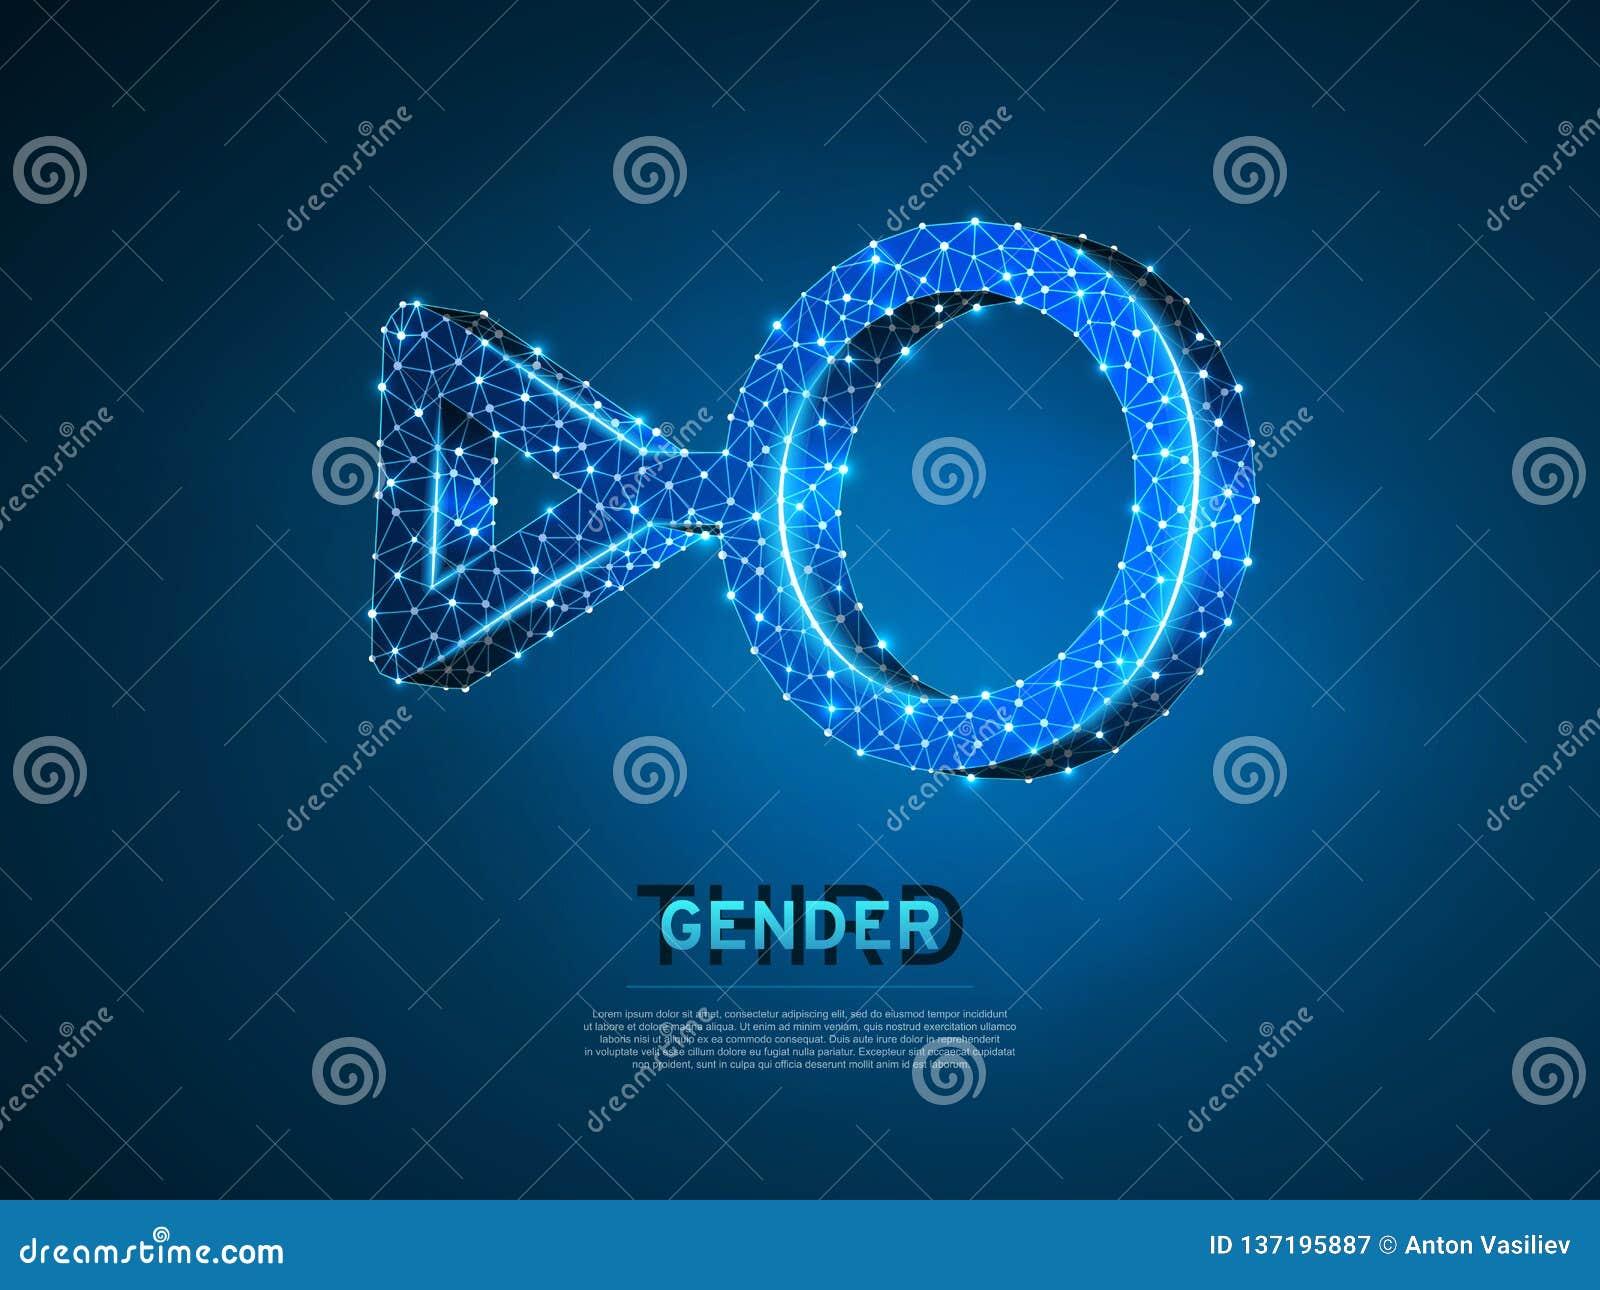 Terceros símbolos del género Vector individual polivinílico bajo LGBT de neón poligonal del extracto de la identidad del ejemplo